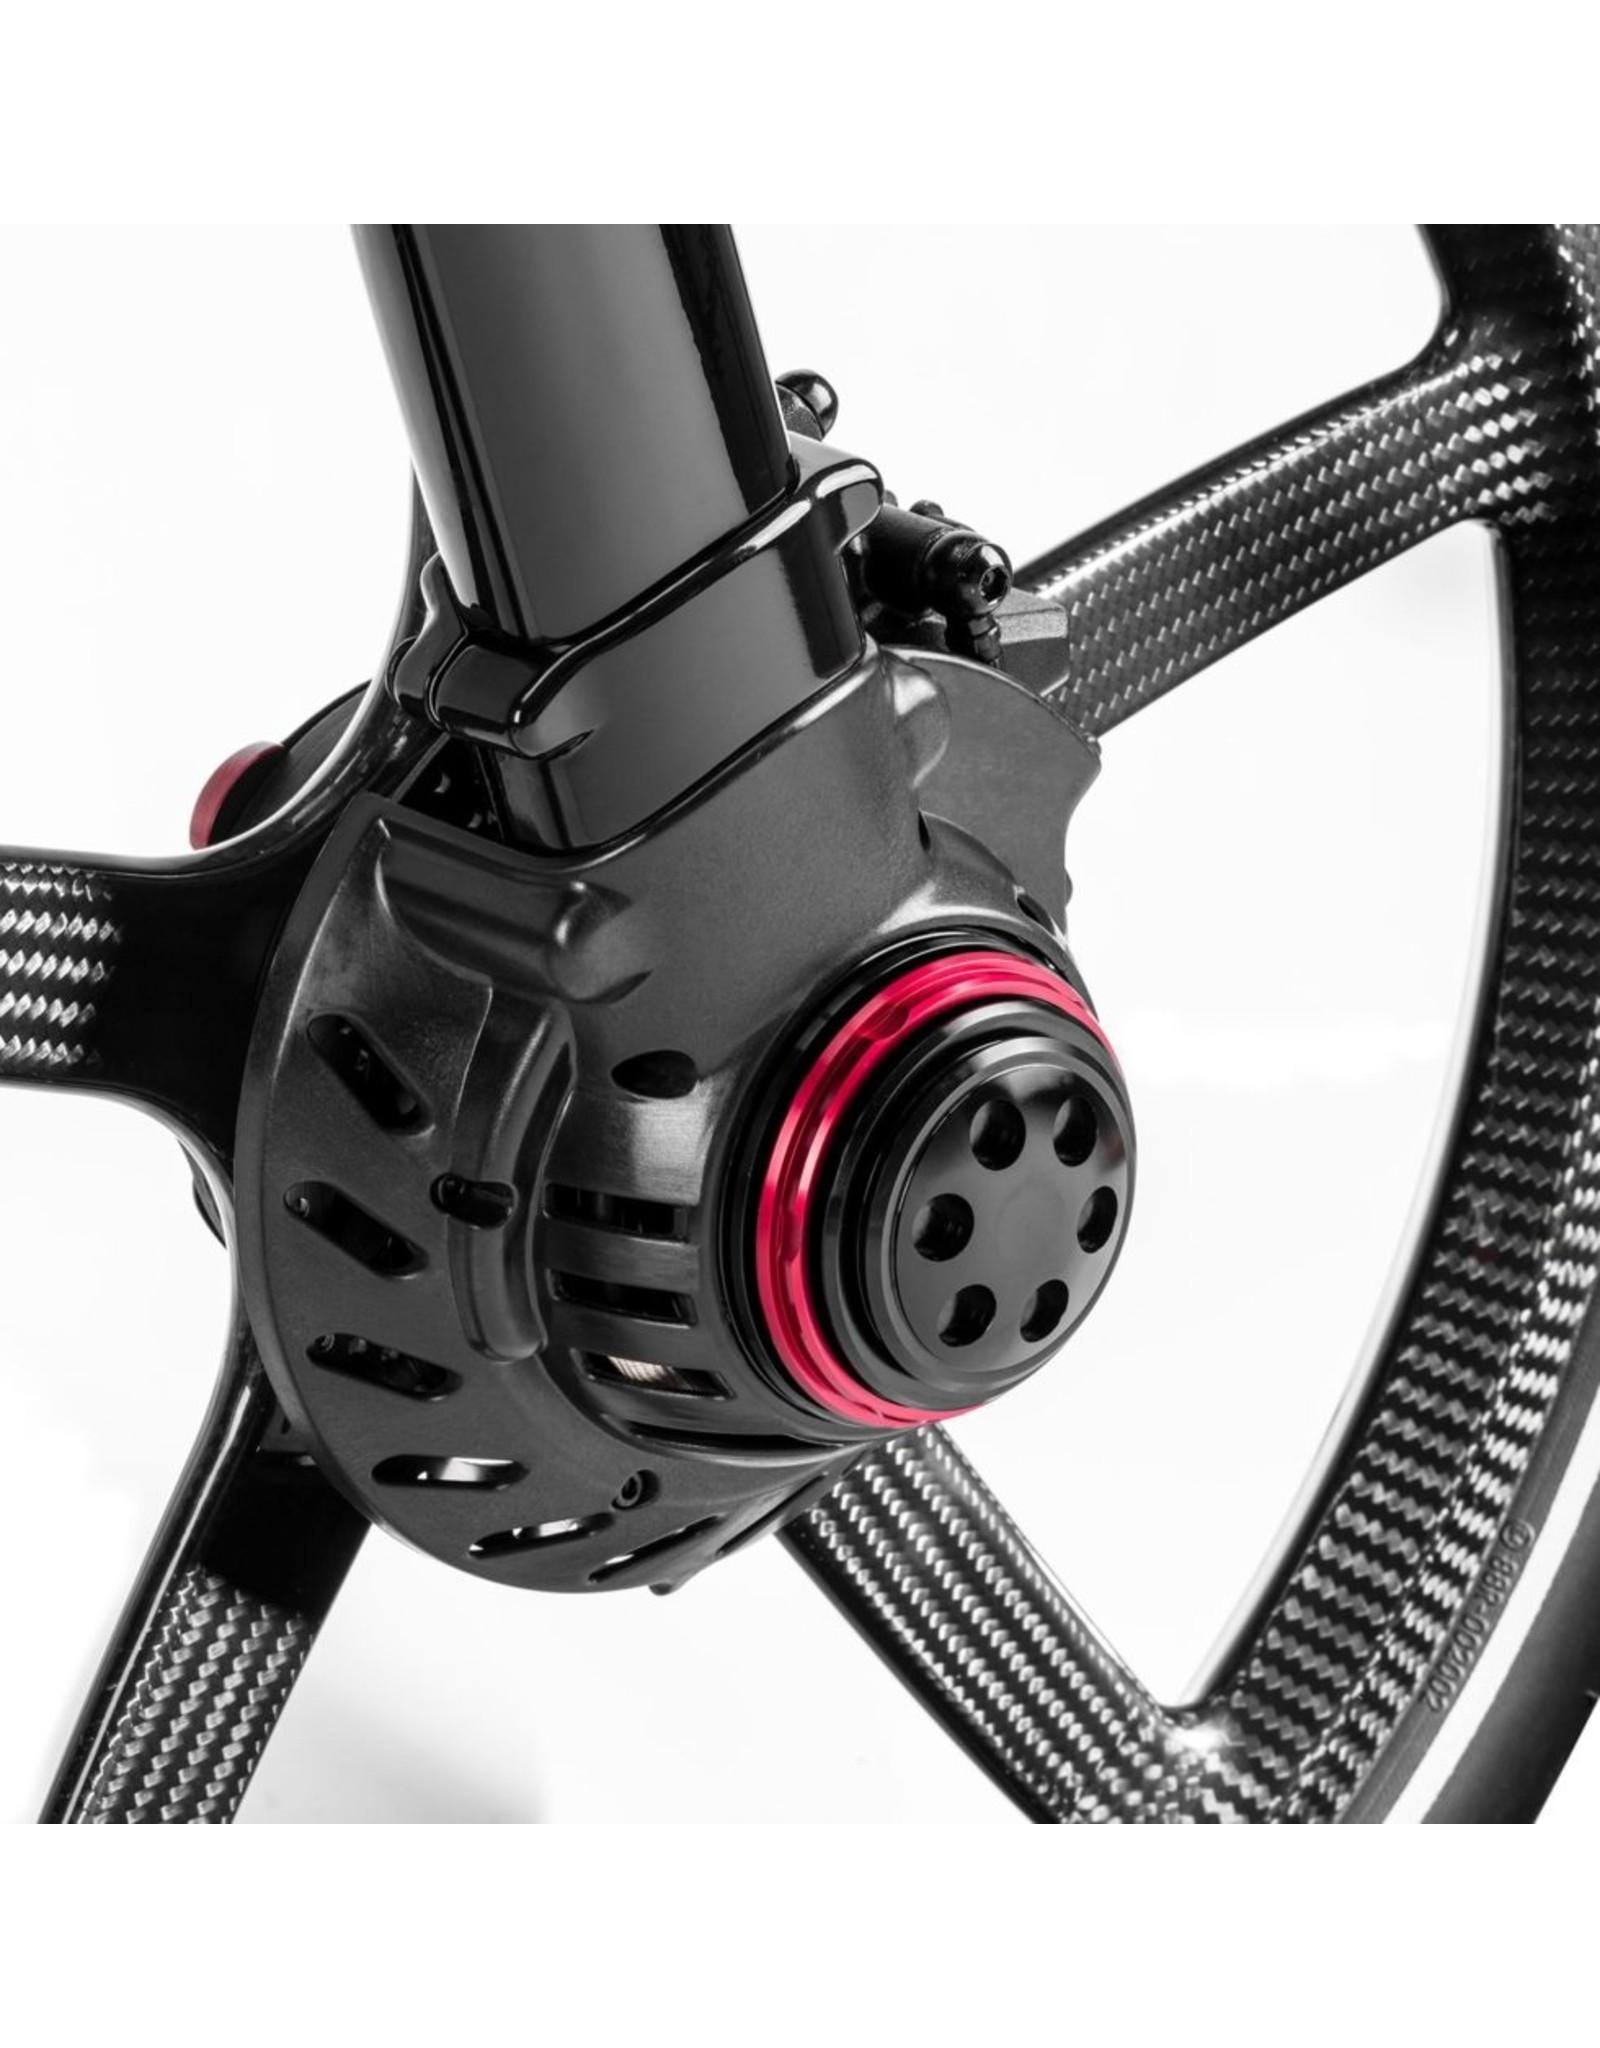 Gocycle GoCycle G3+ folding electric bike white